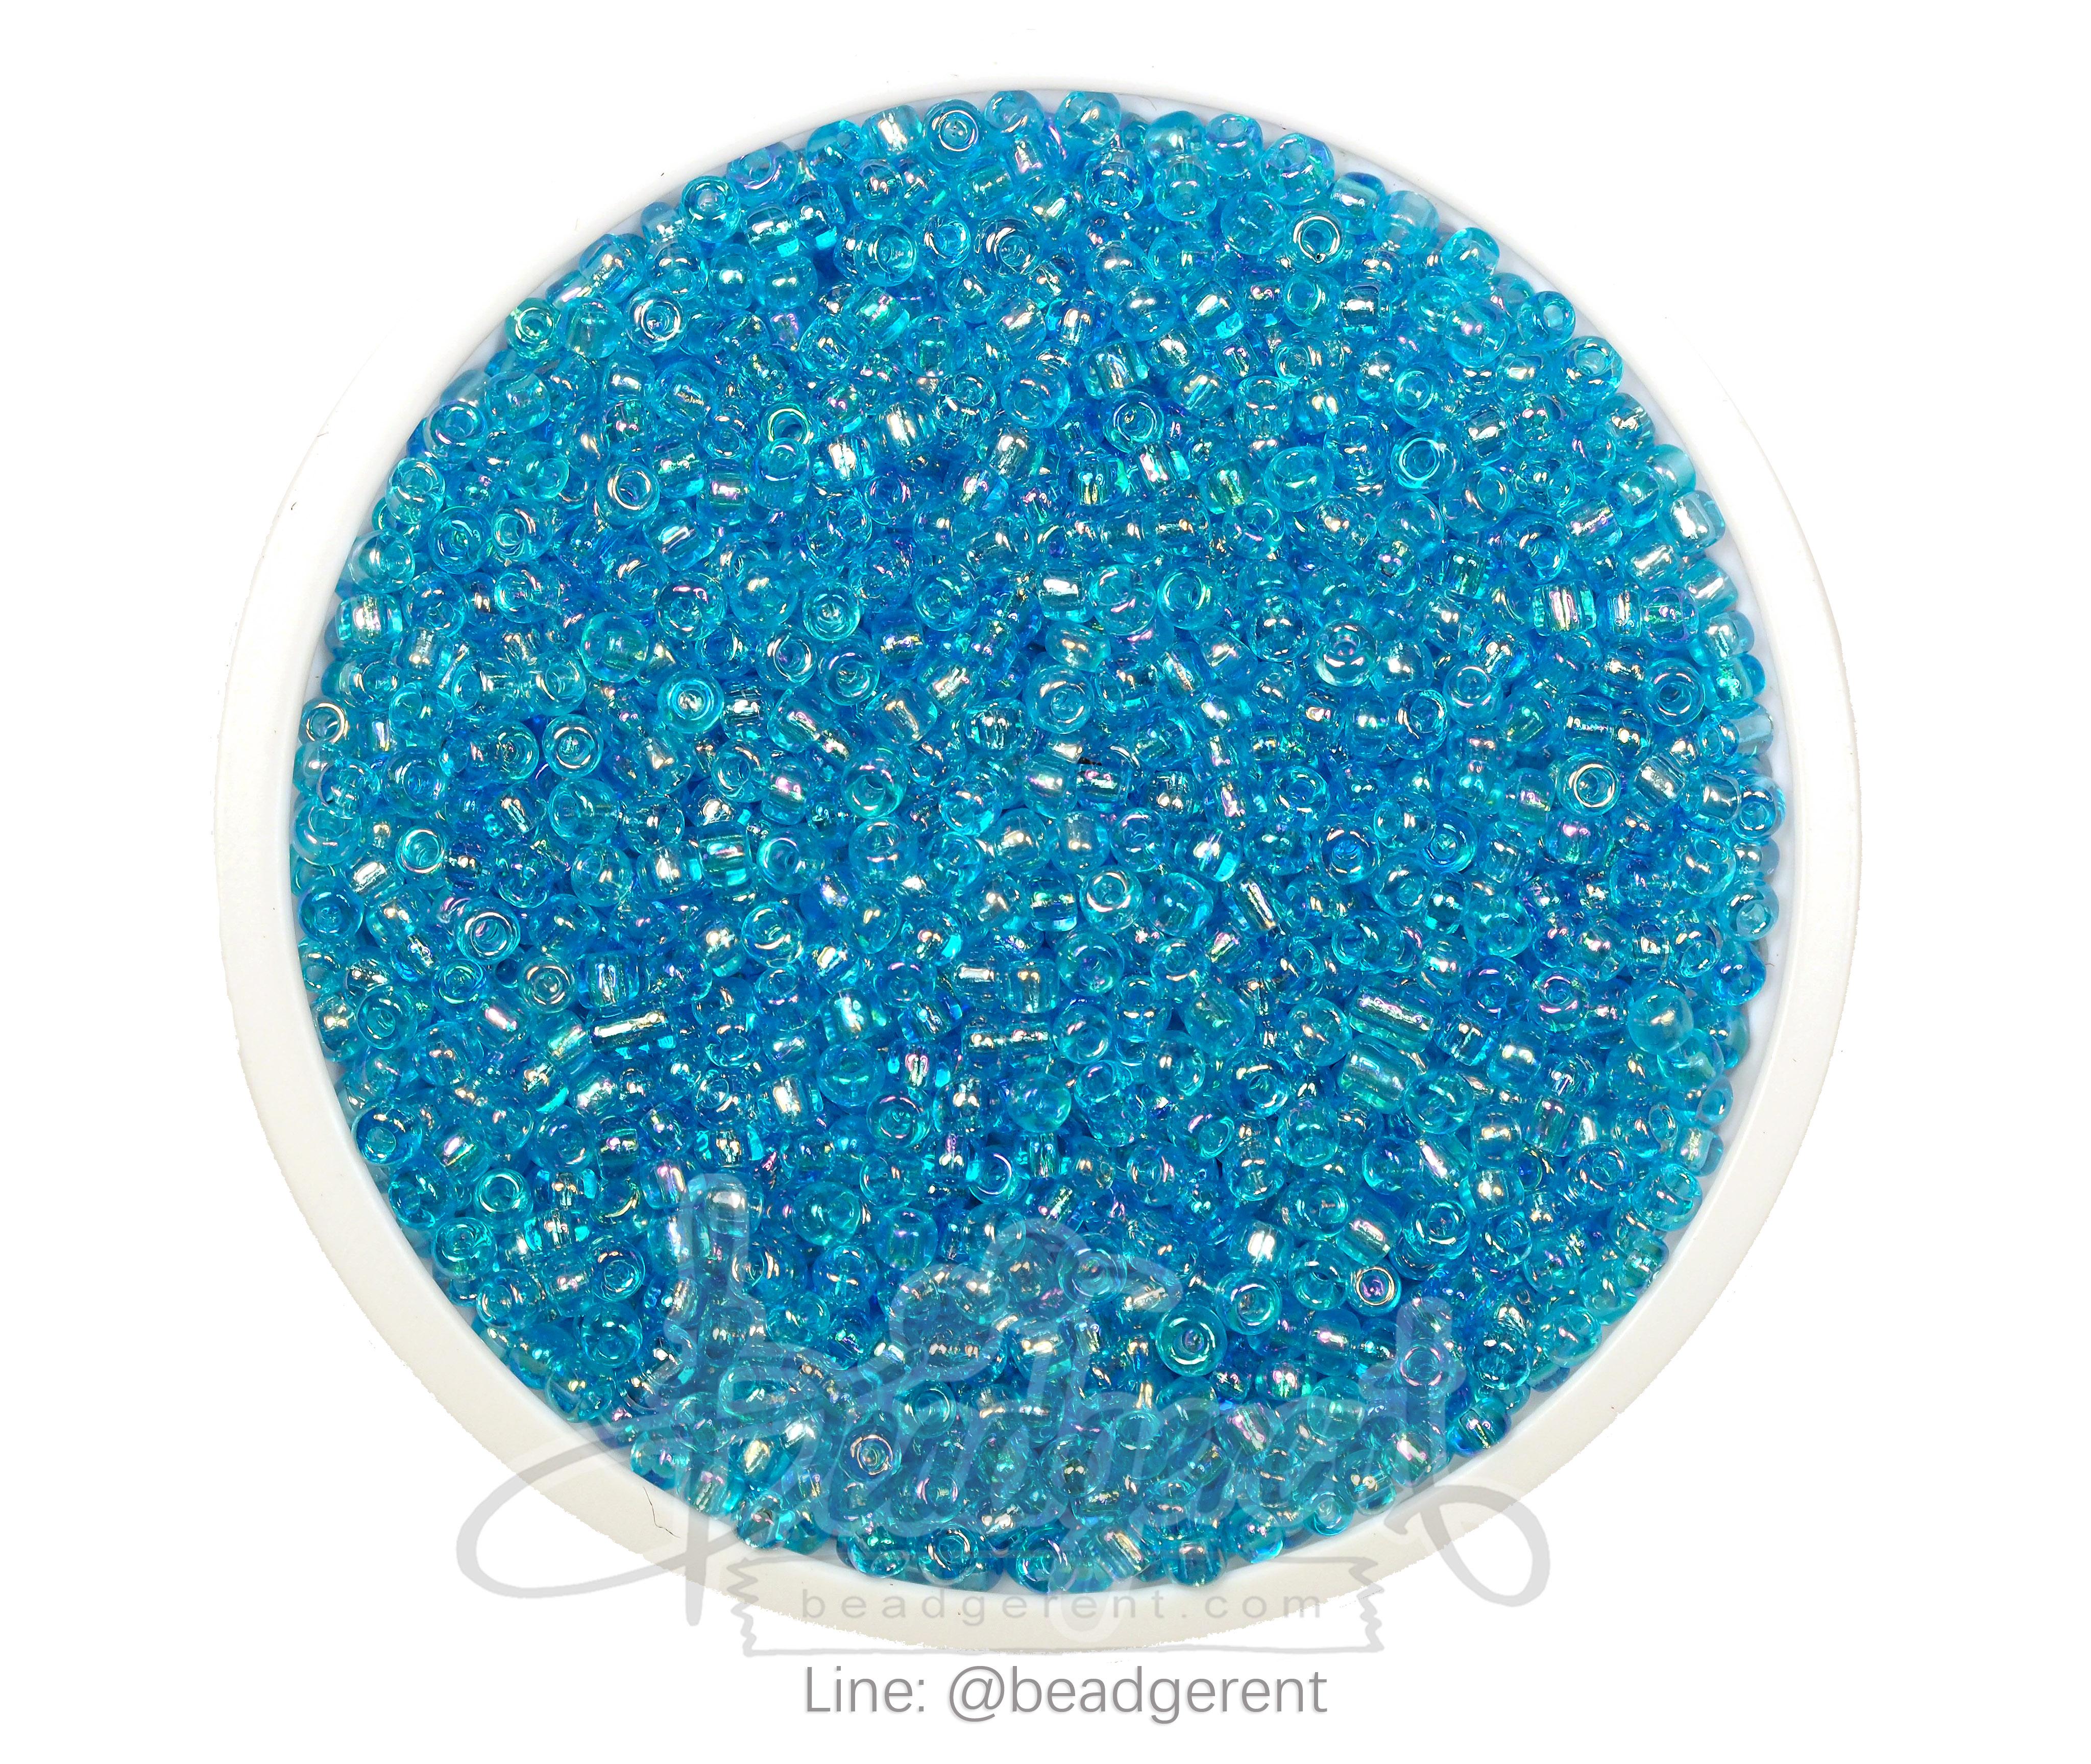 ลูกปัดเม็ดทราย 12/0 โทนรุ้ง สีฟ้า (100 กรัม)